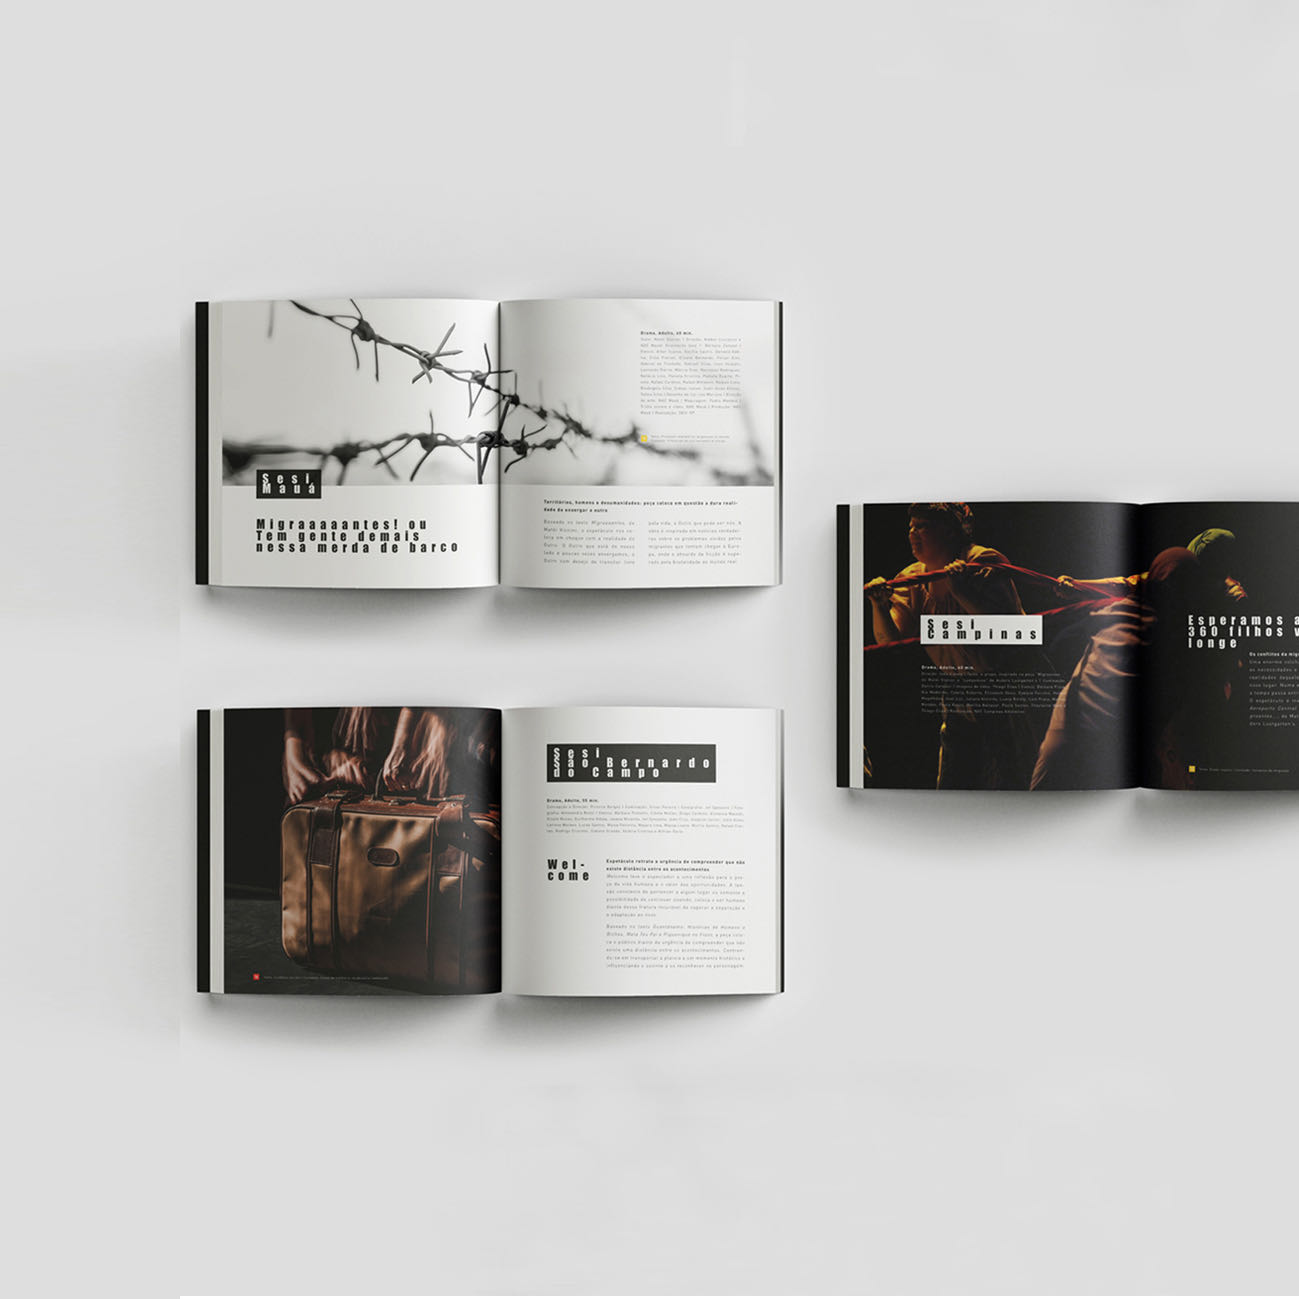 Projeto gráfico e diagramação editorial